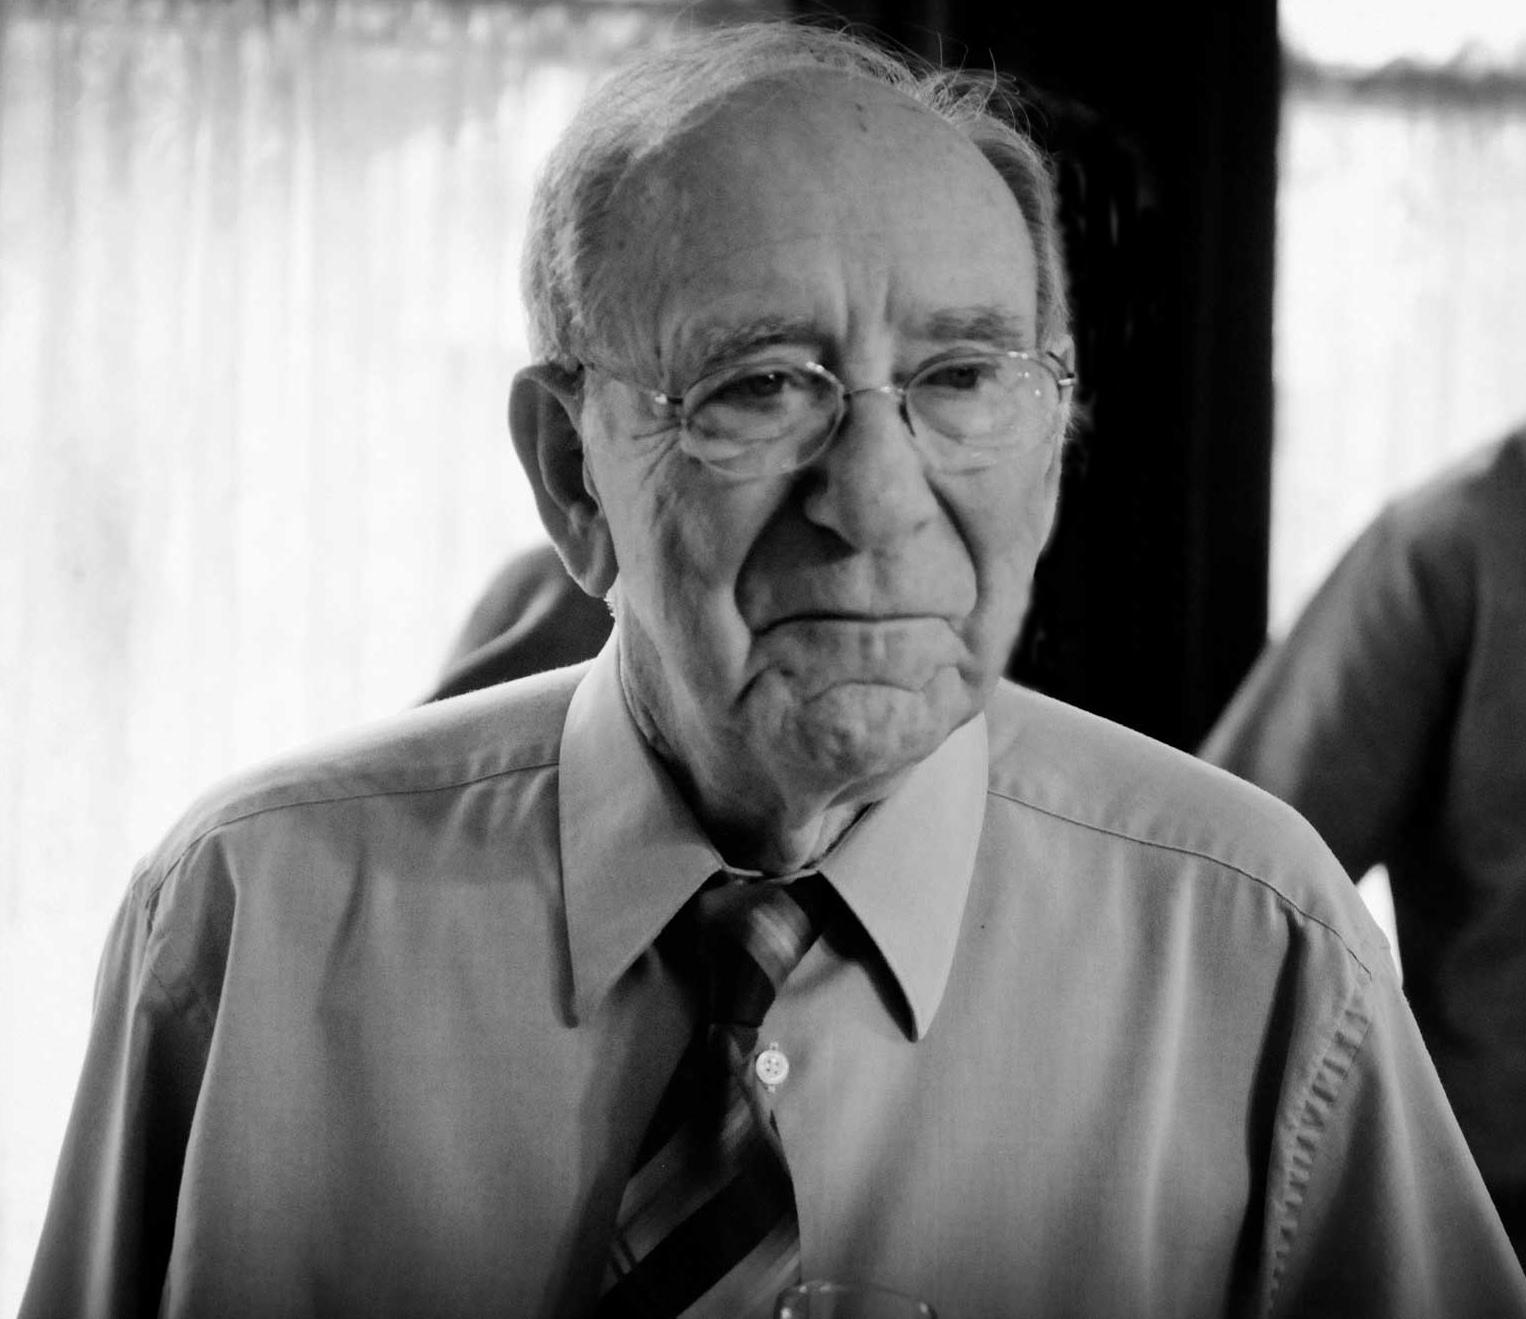 Greg Anderson – My Dear Grandpa